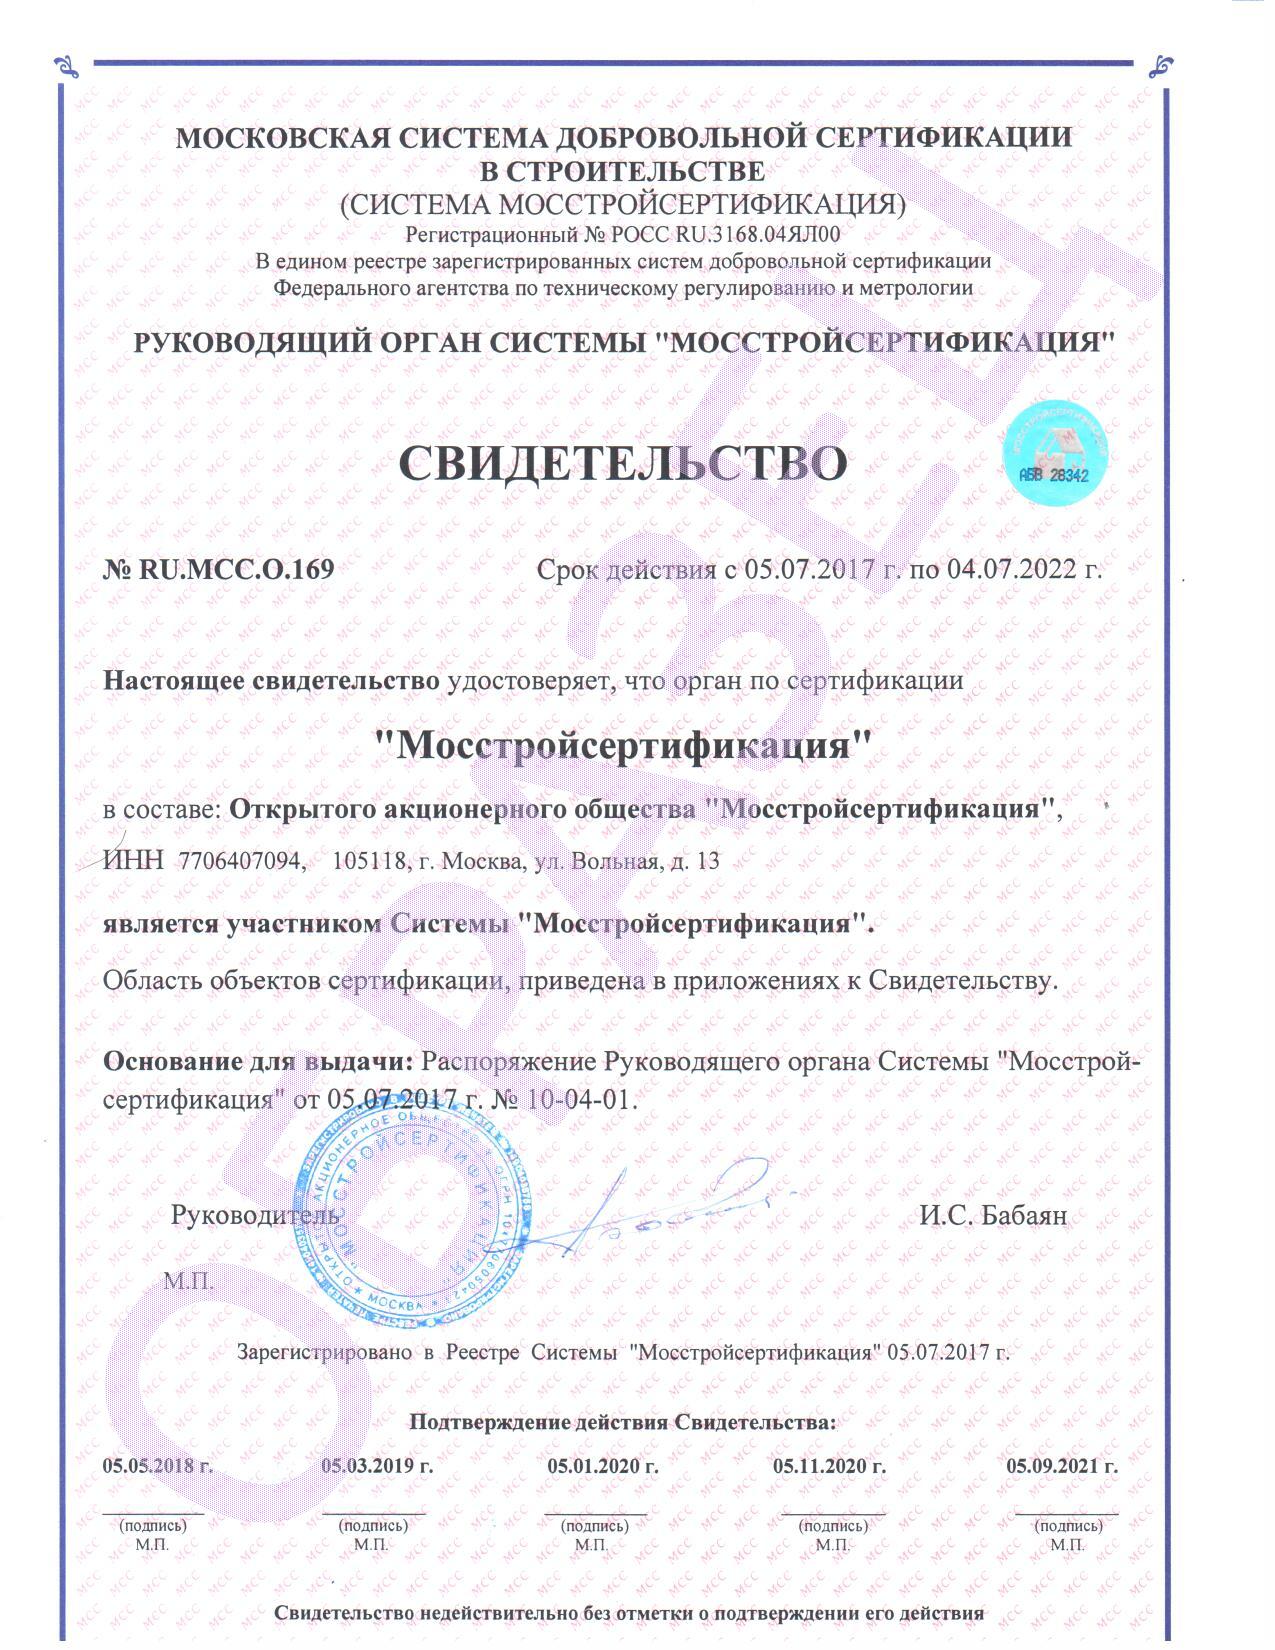 Органы по сертификации системы мосстройсертификация как проводится лицензирование и сертификация в санаториях